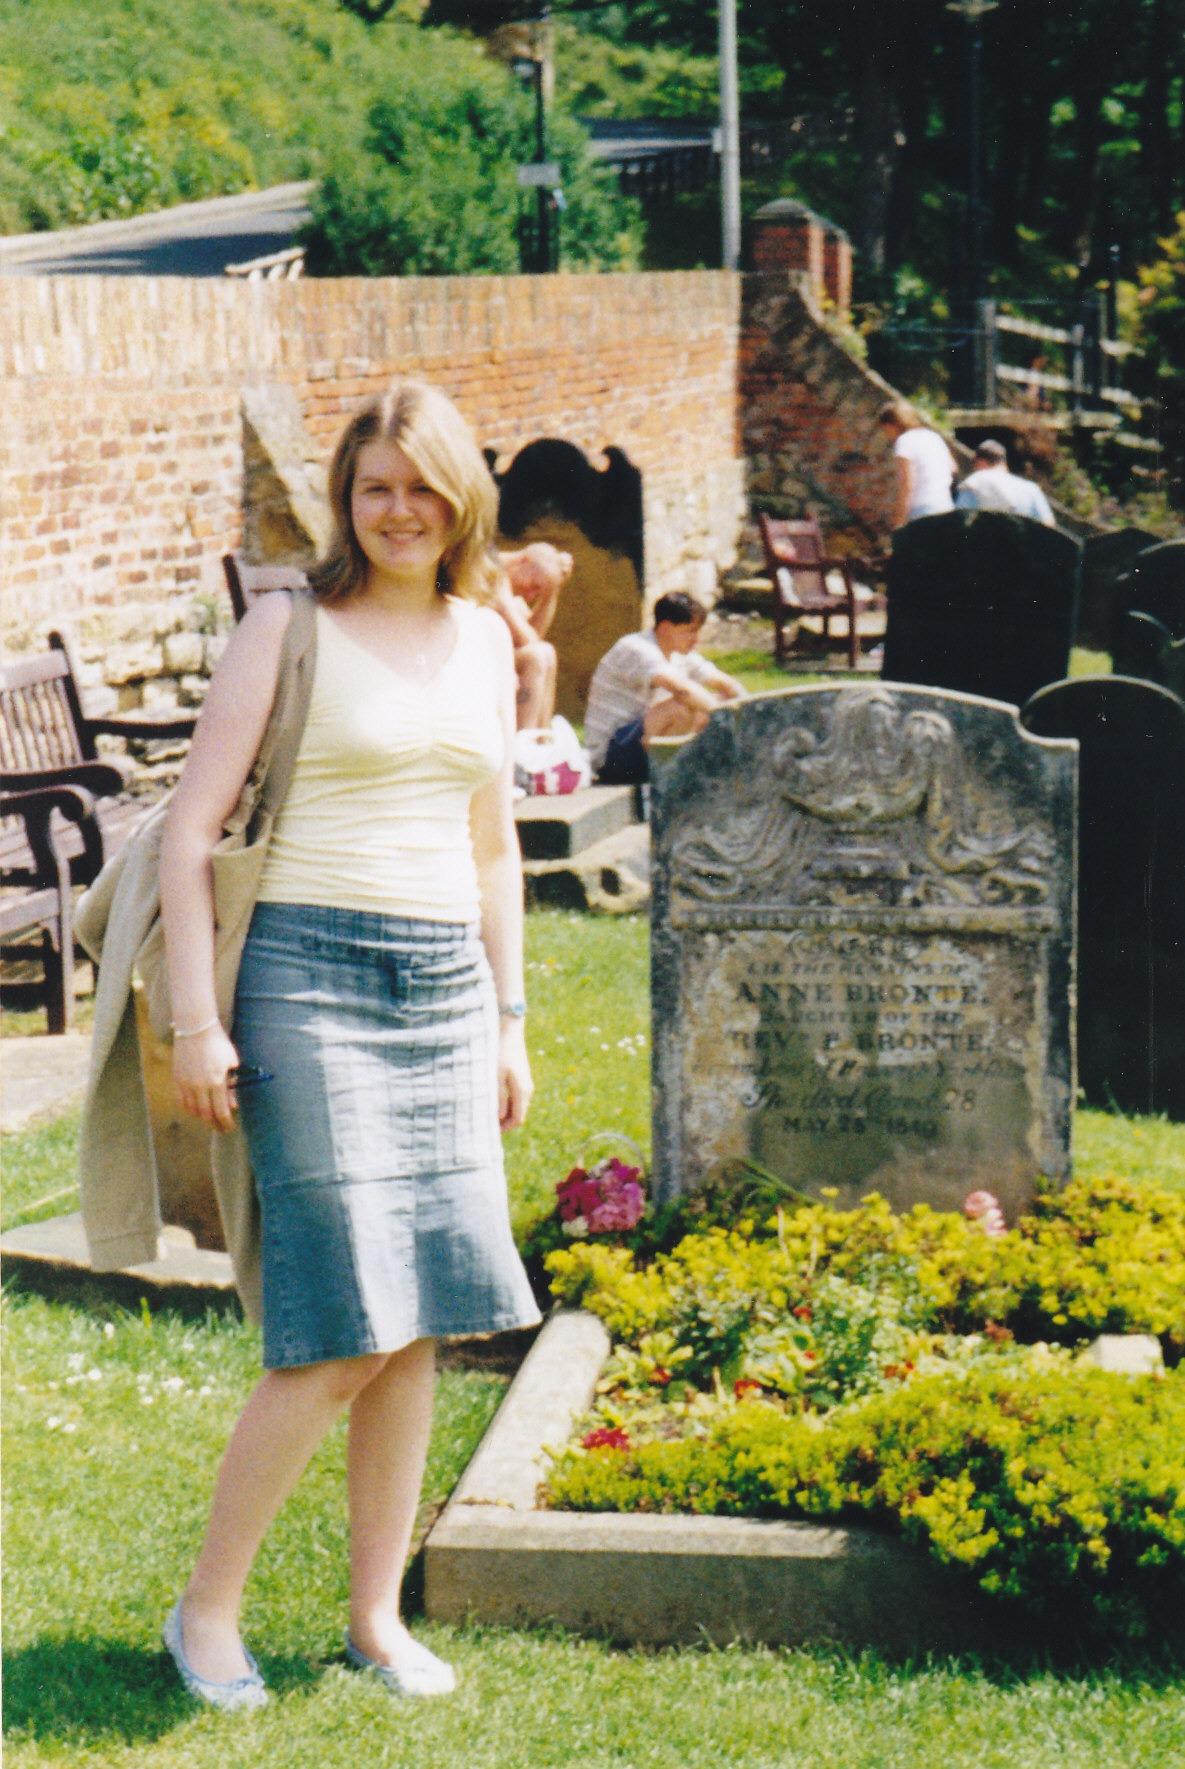 Anne Brontë's grave